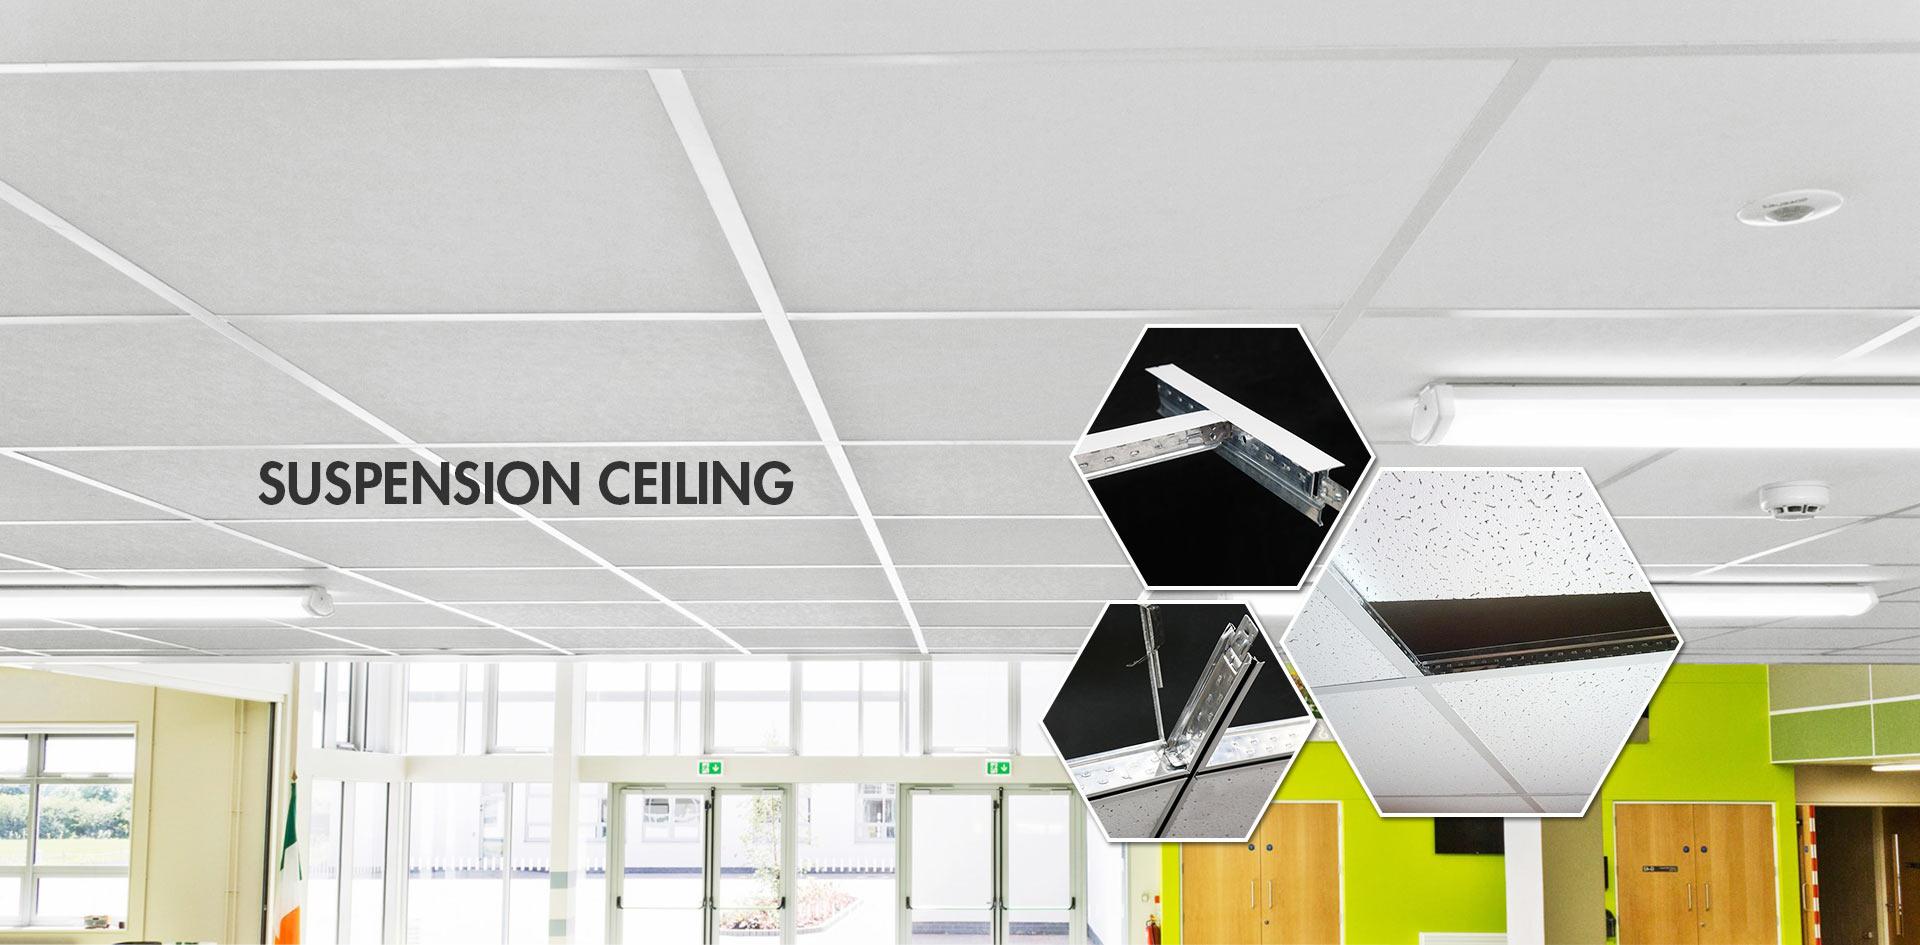 Suspension Ceiling